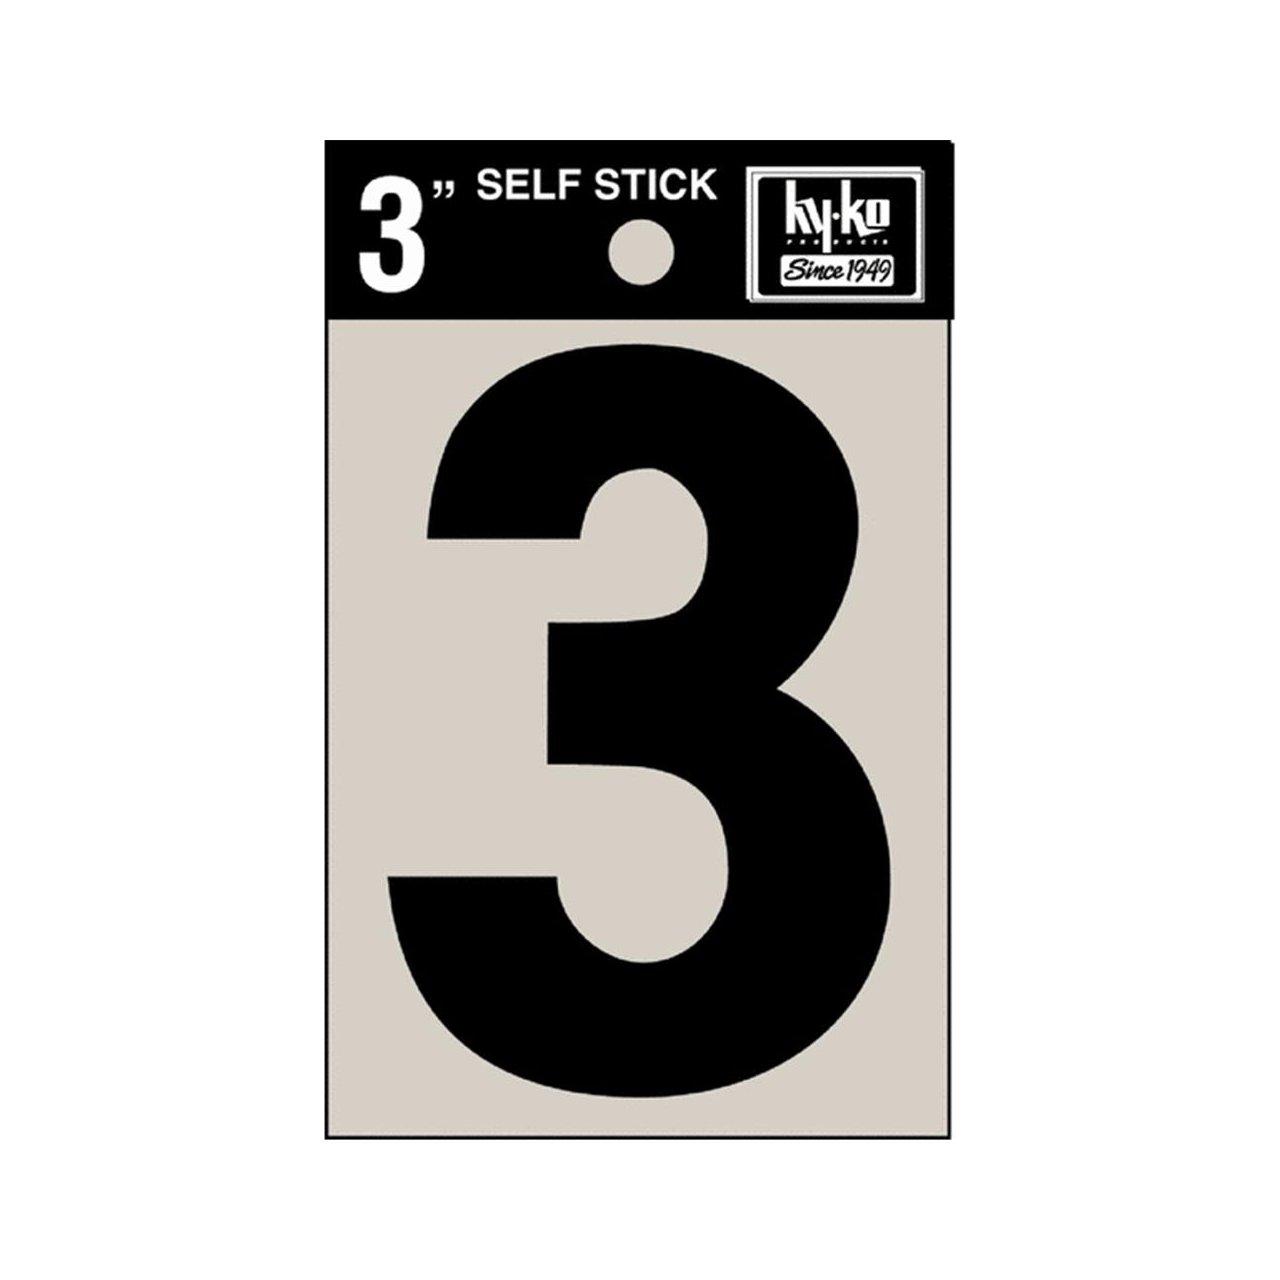 hy ko self adhesive vinyl number black 3 pack of 10 house